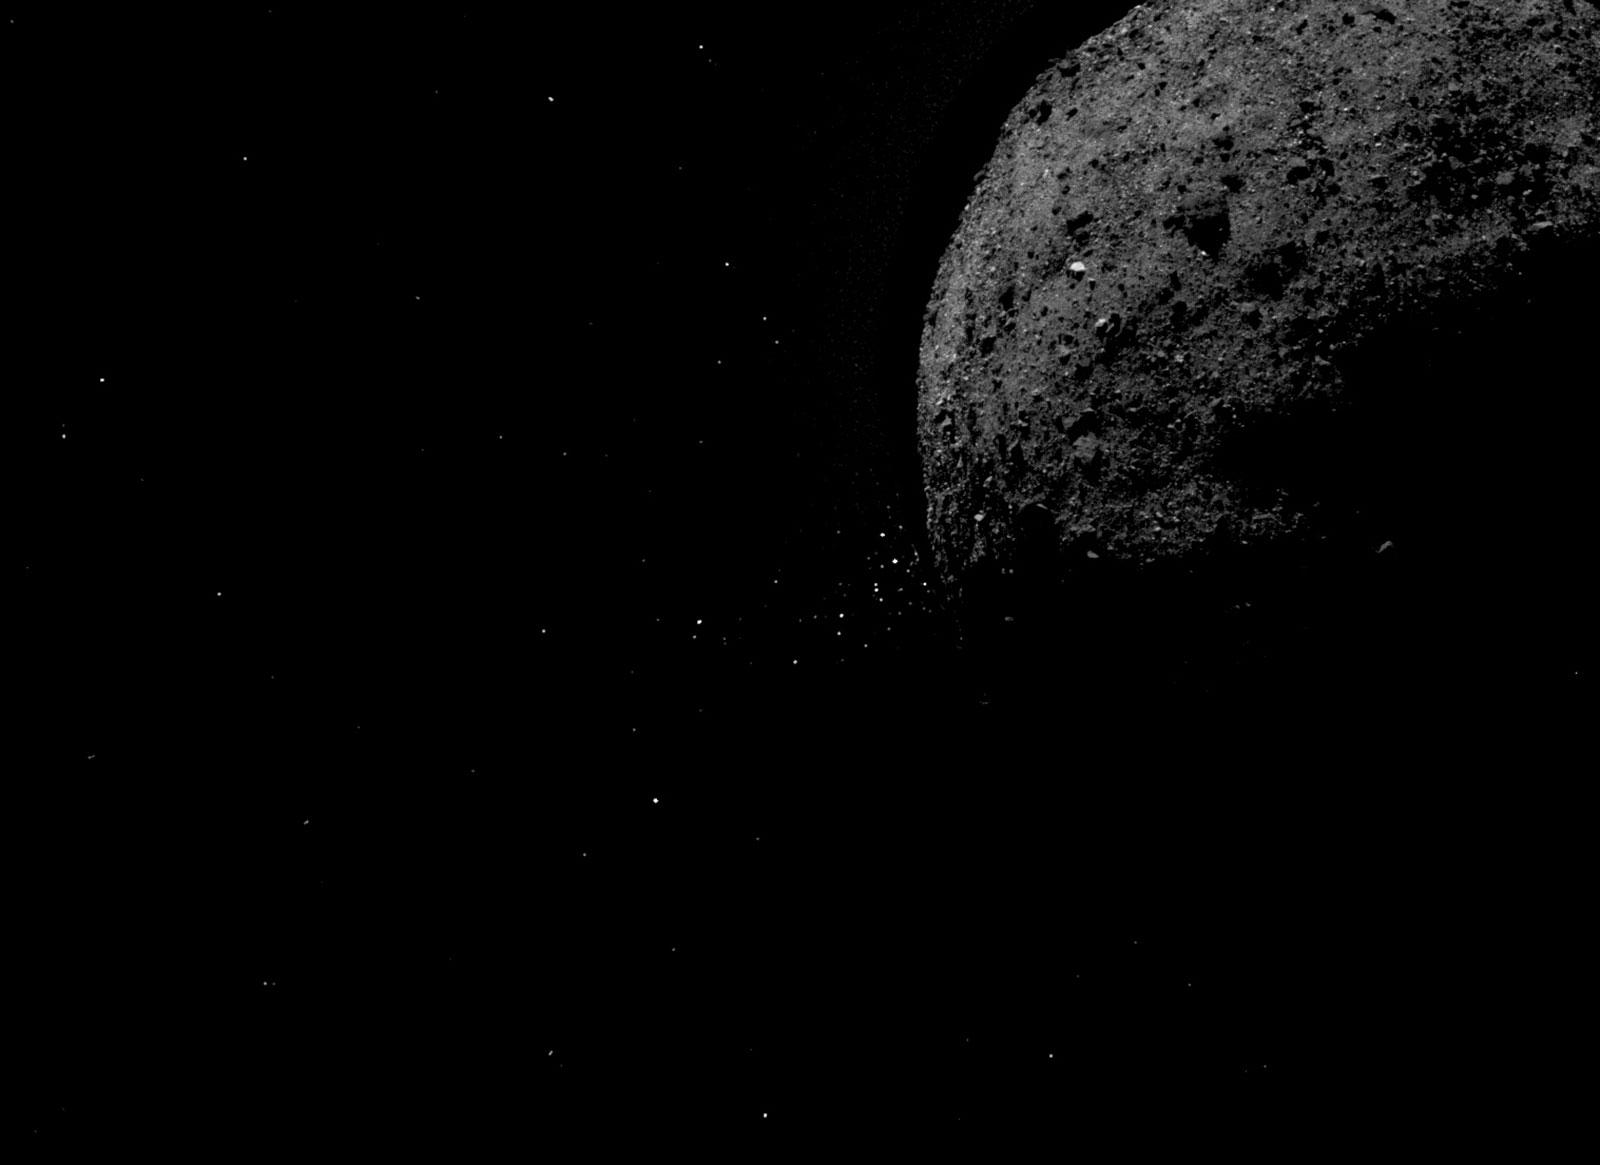 Imagem mostra asteroide Bennu ejetando partículas rochosas de sua superfície